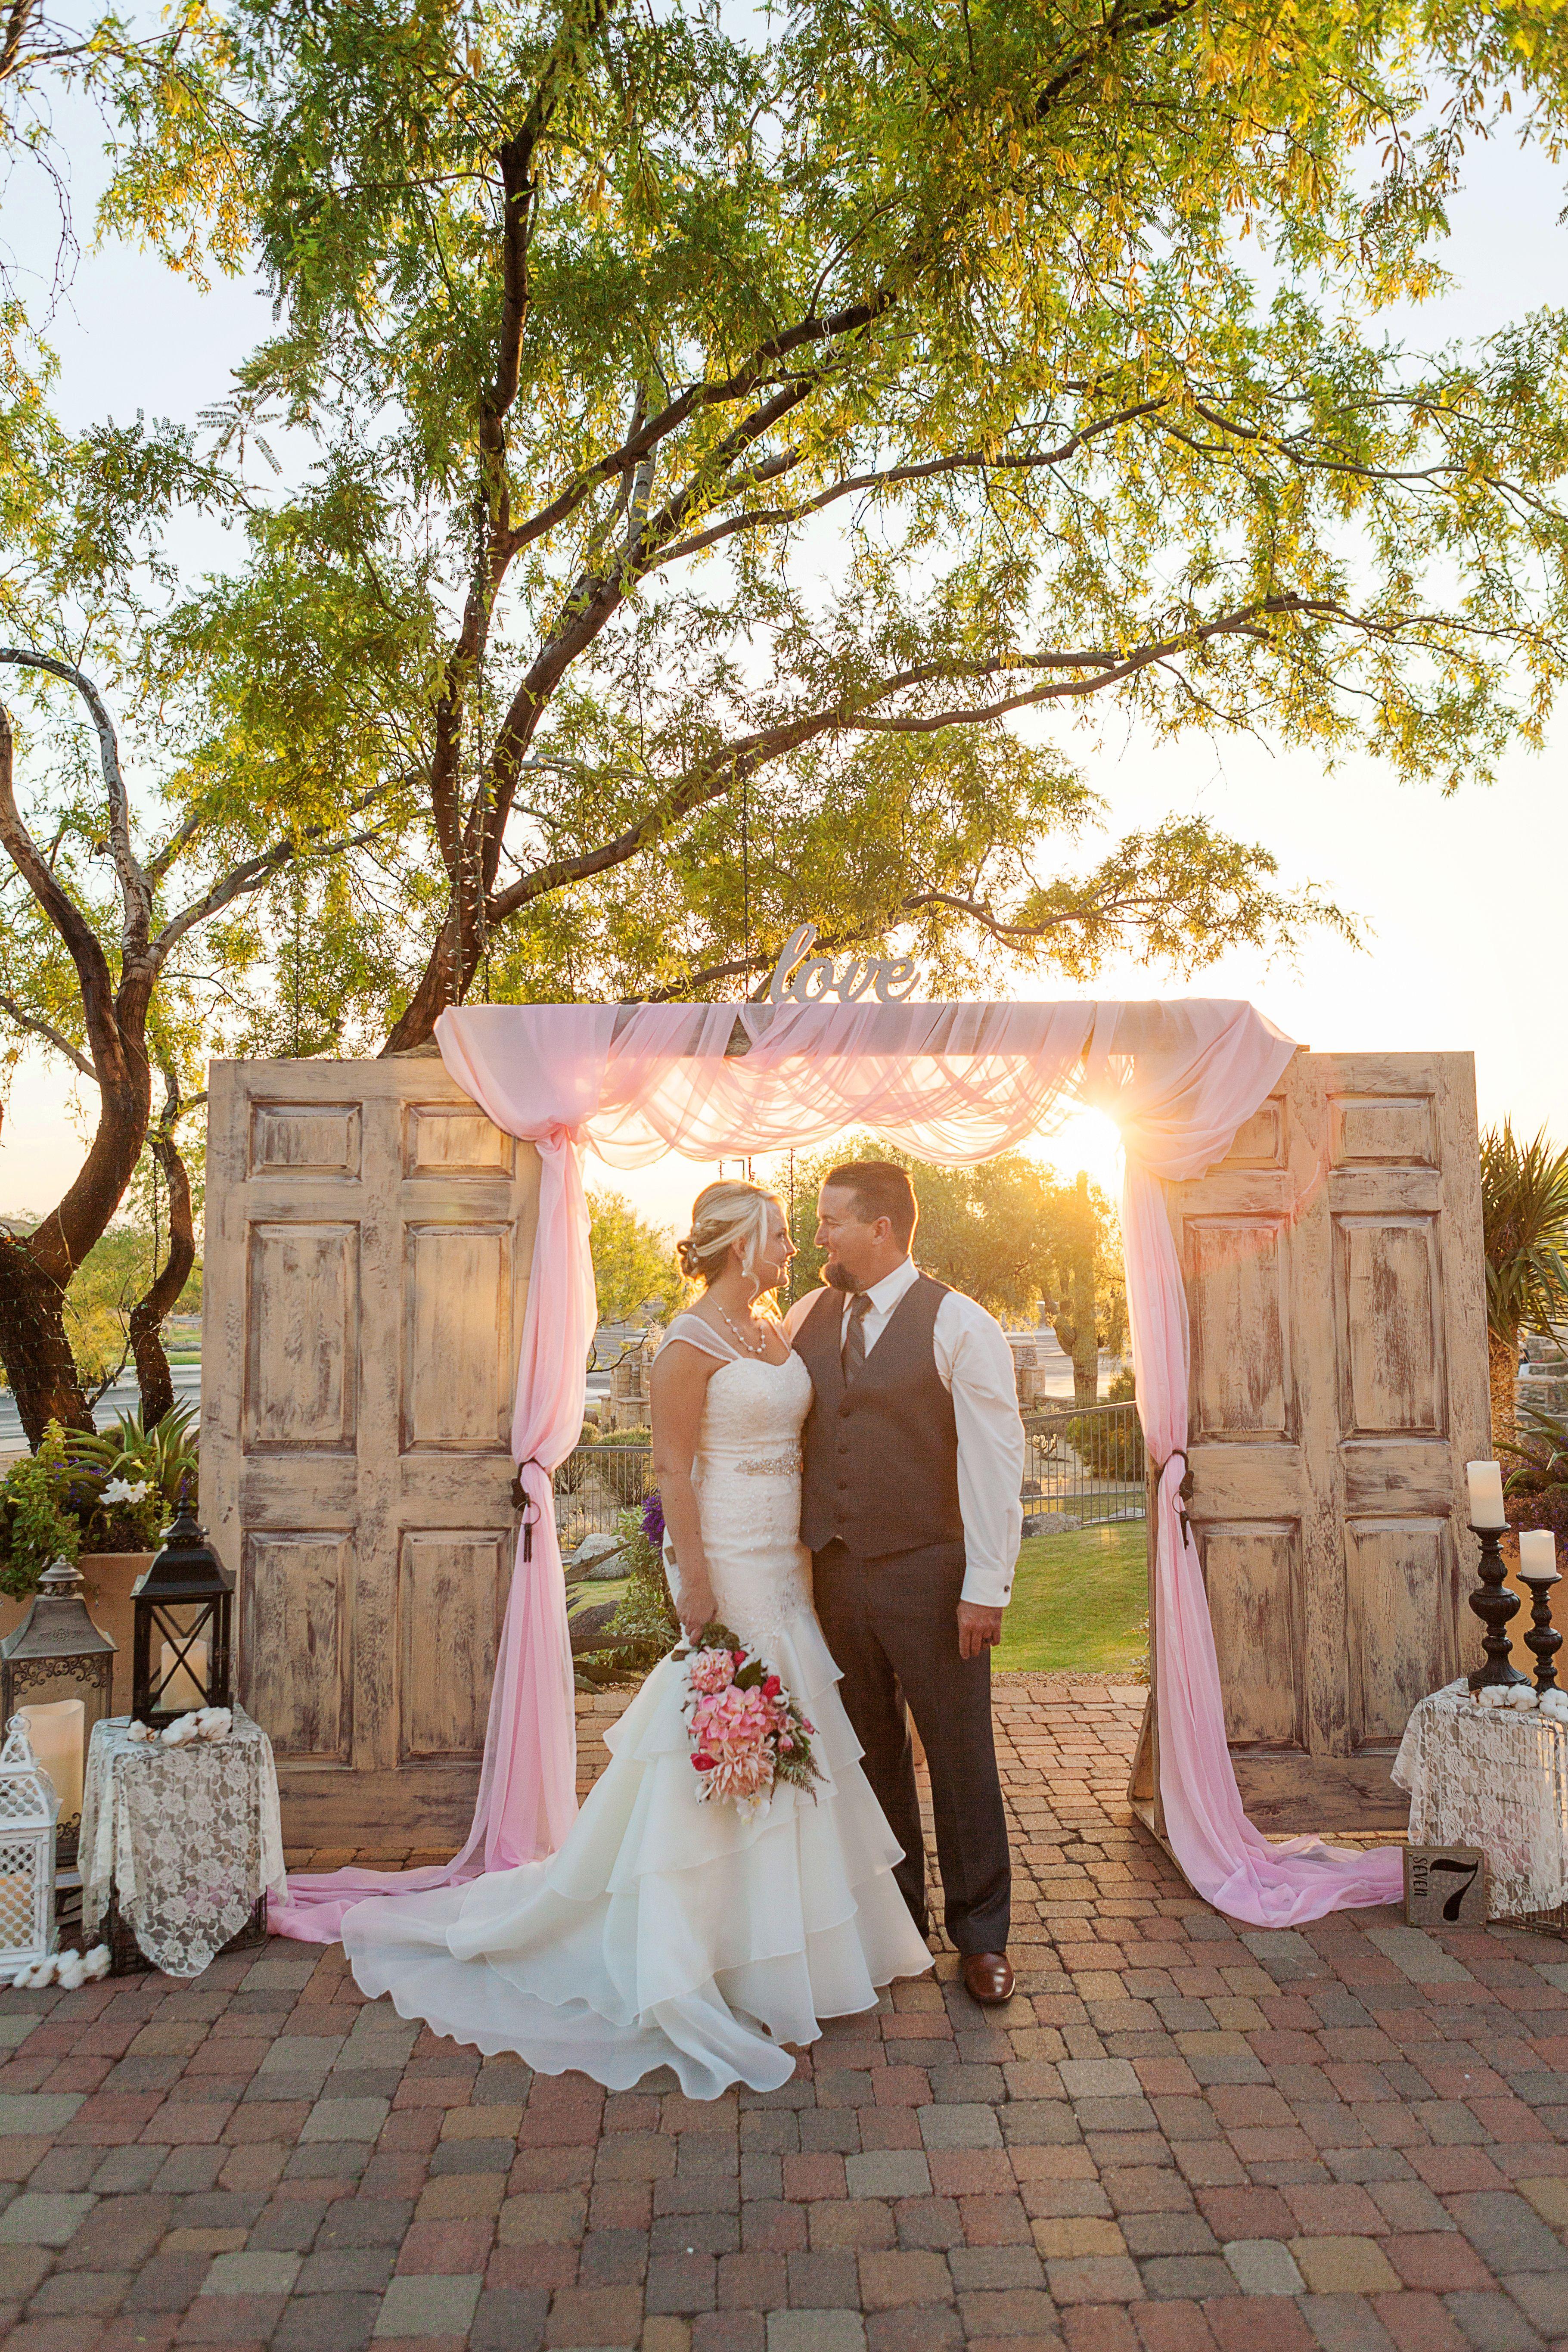 Vintage doors outdoor wedding backdrop/alter | Door ...